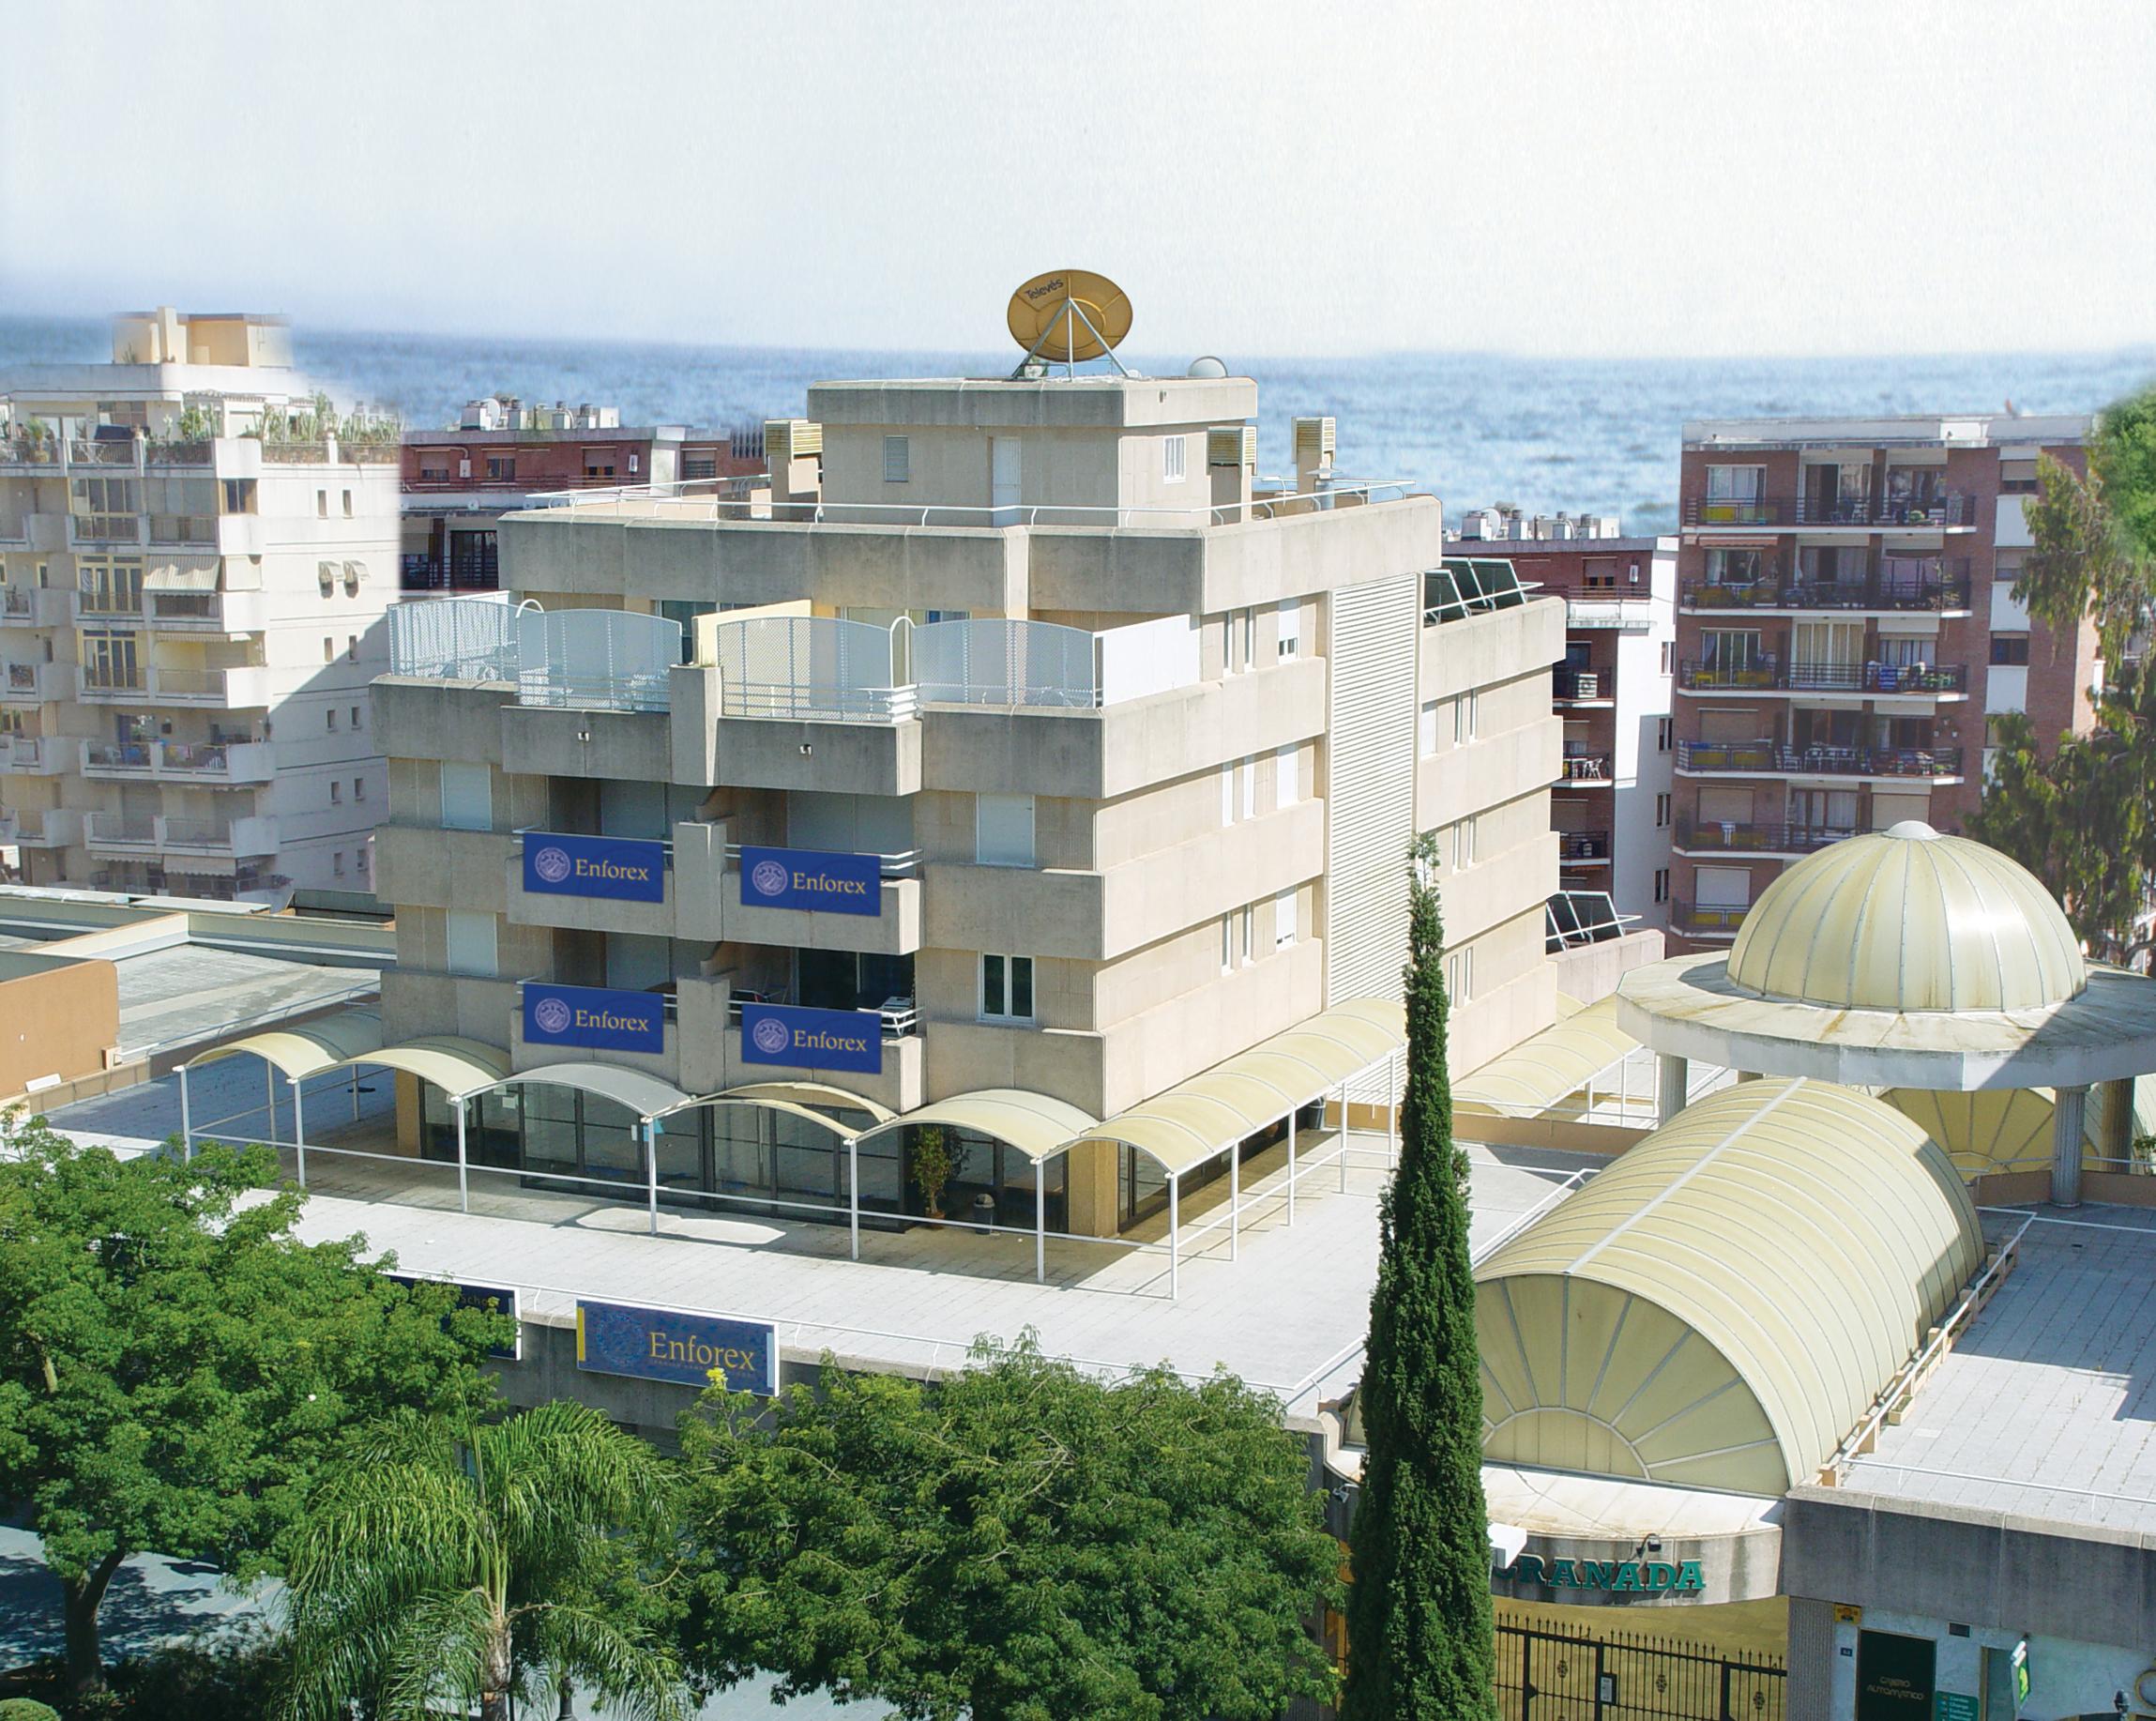 Enforex malaga location